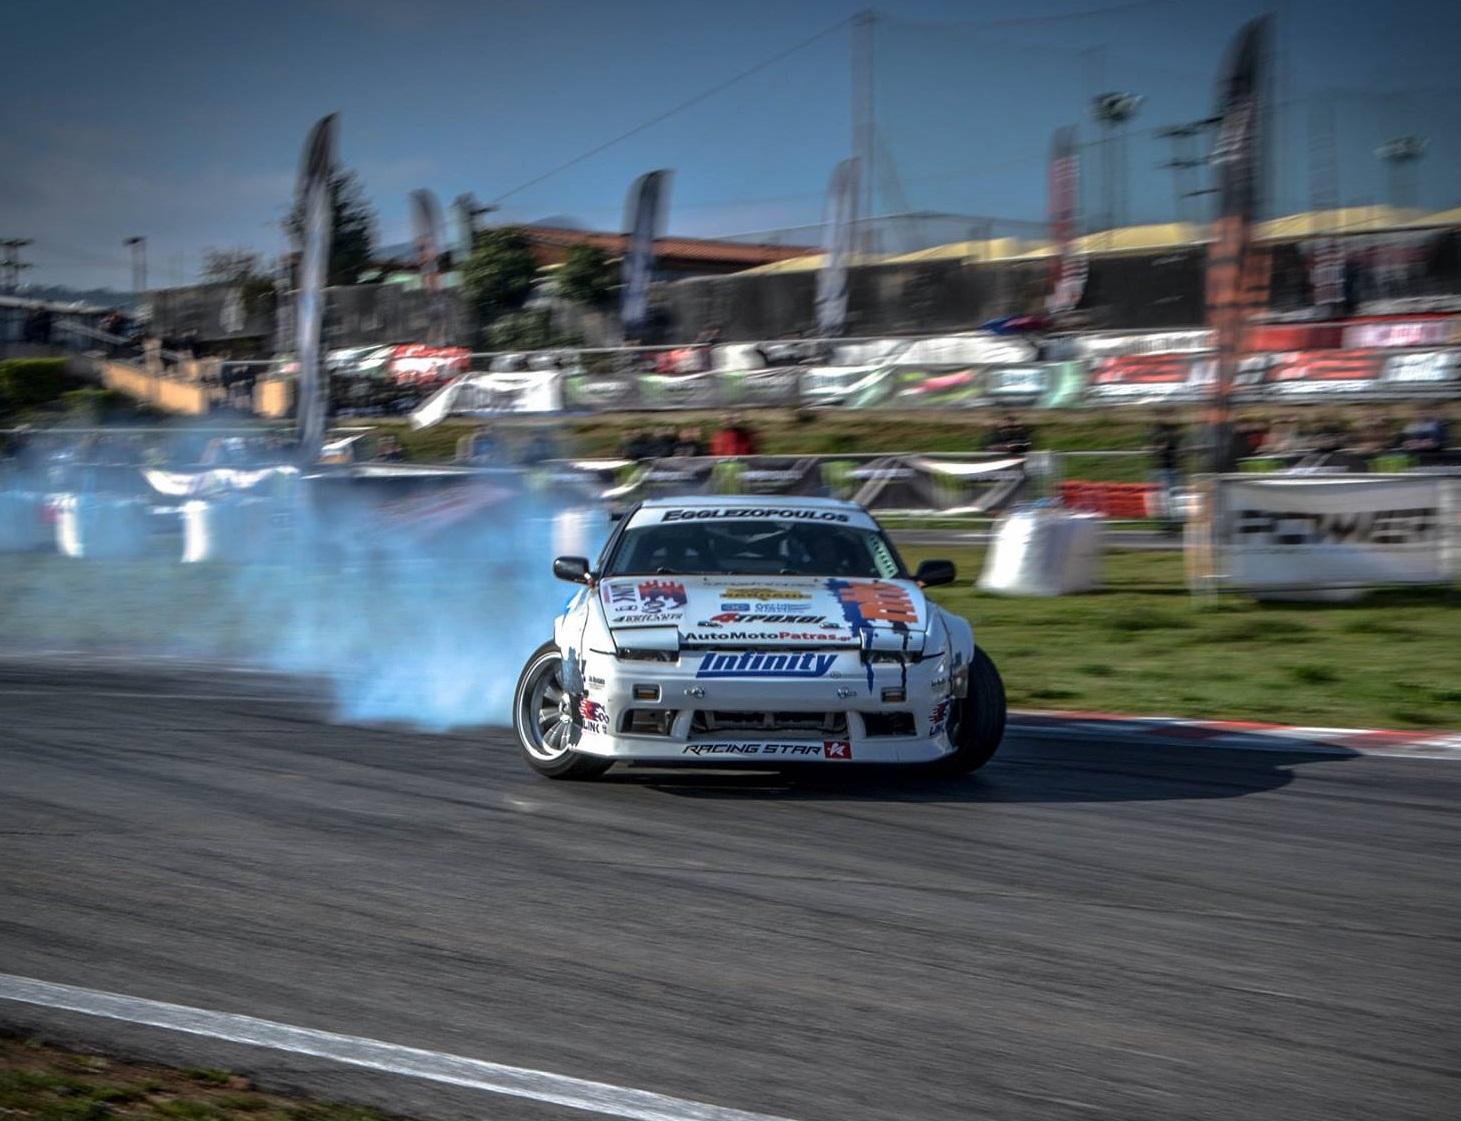 O Λεοντής Ηρακλής με Nissan 400SX- Infinity Tyres Team νικητής του 1ου αγώνα του Πανελληνίου Πρωταθλήματος Drift 2017